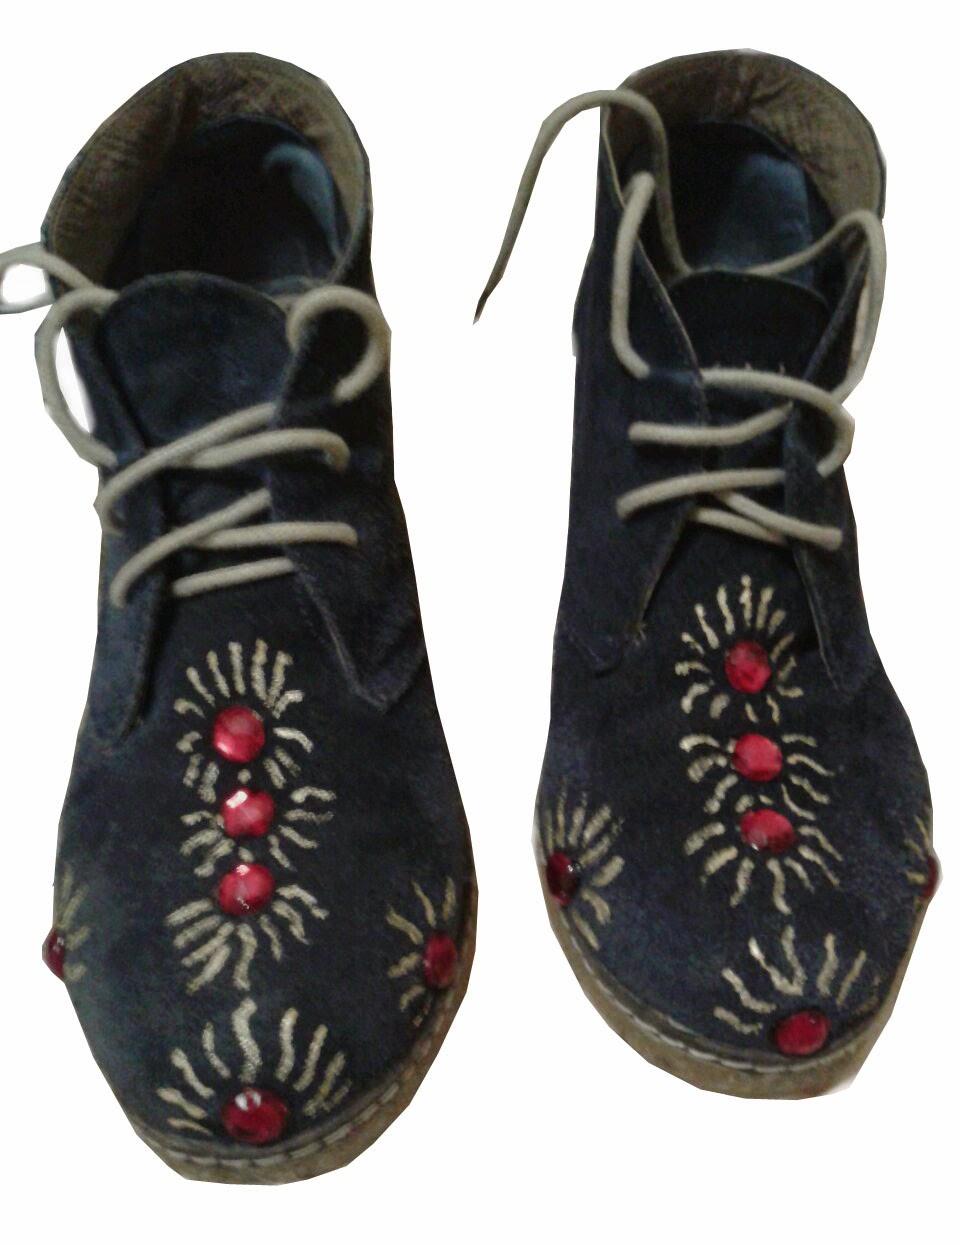 botines personalizados artesanalmente pintura de tela y piedas acopladas, por Rudi